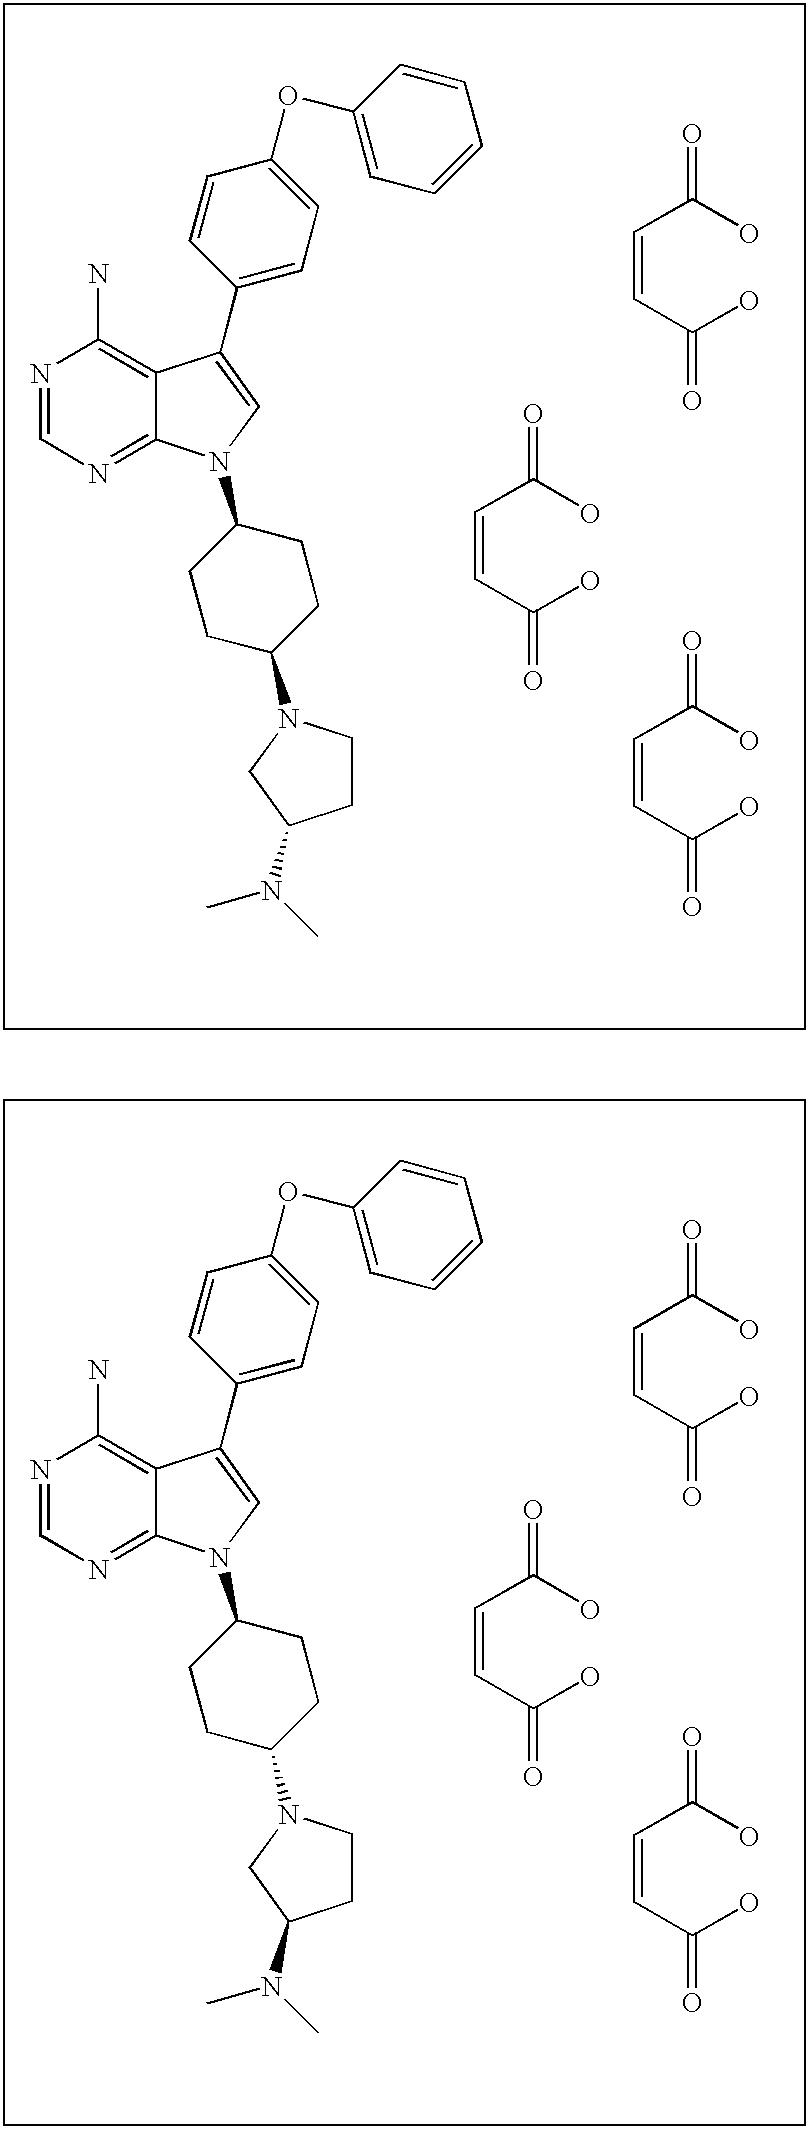 trans-geksen-2